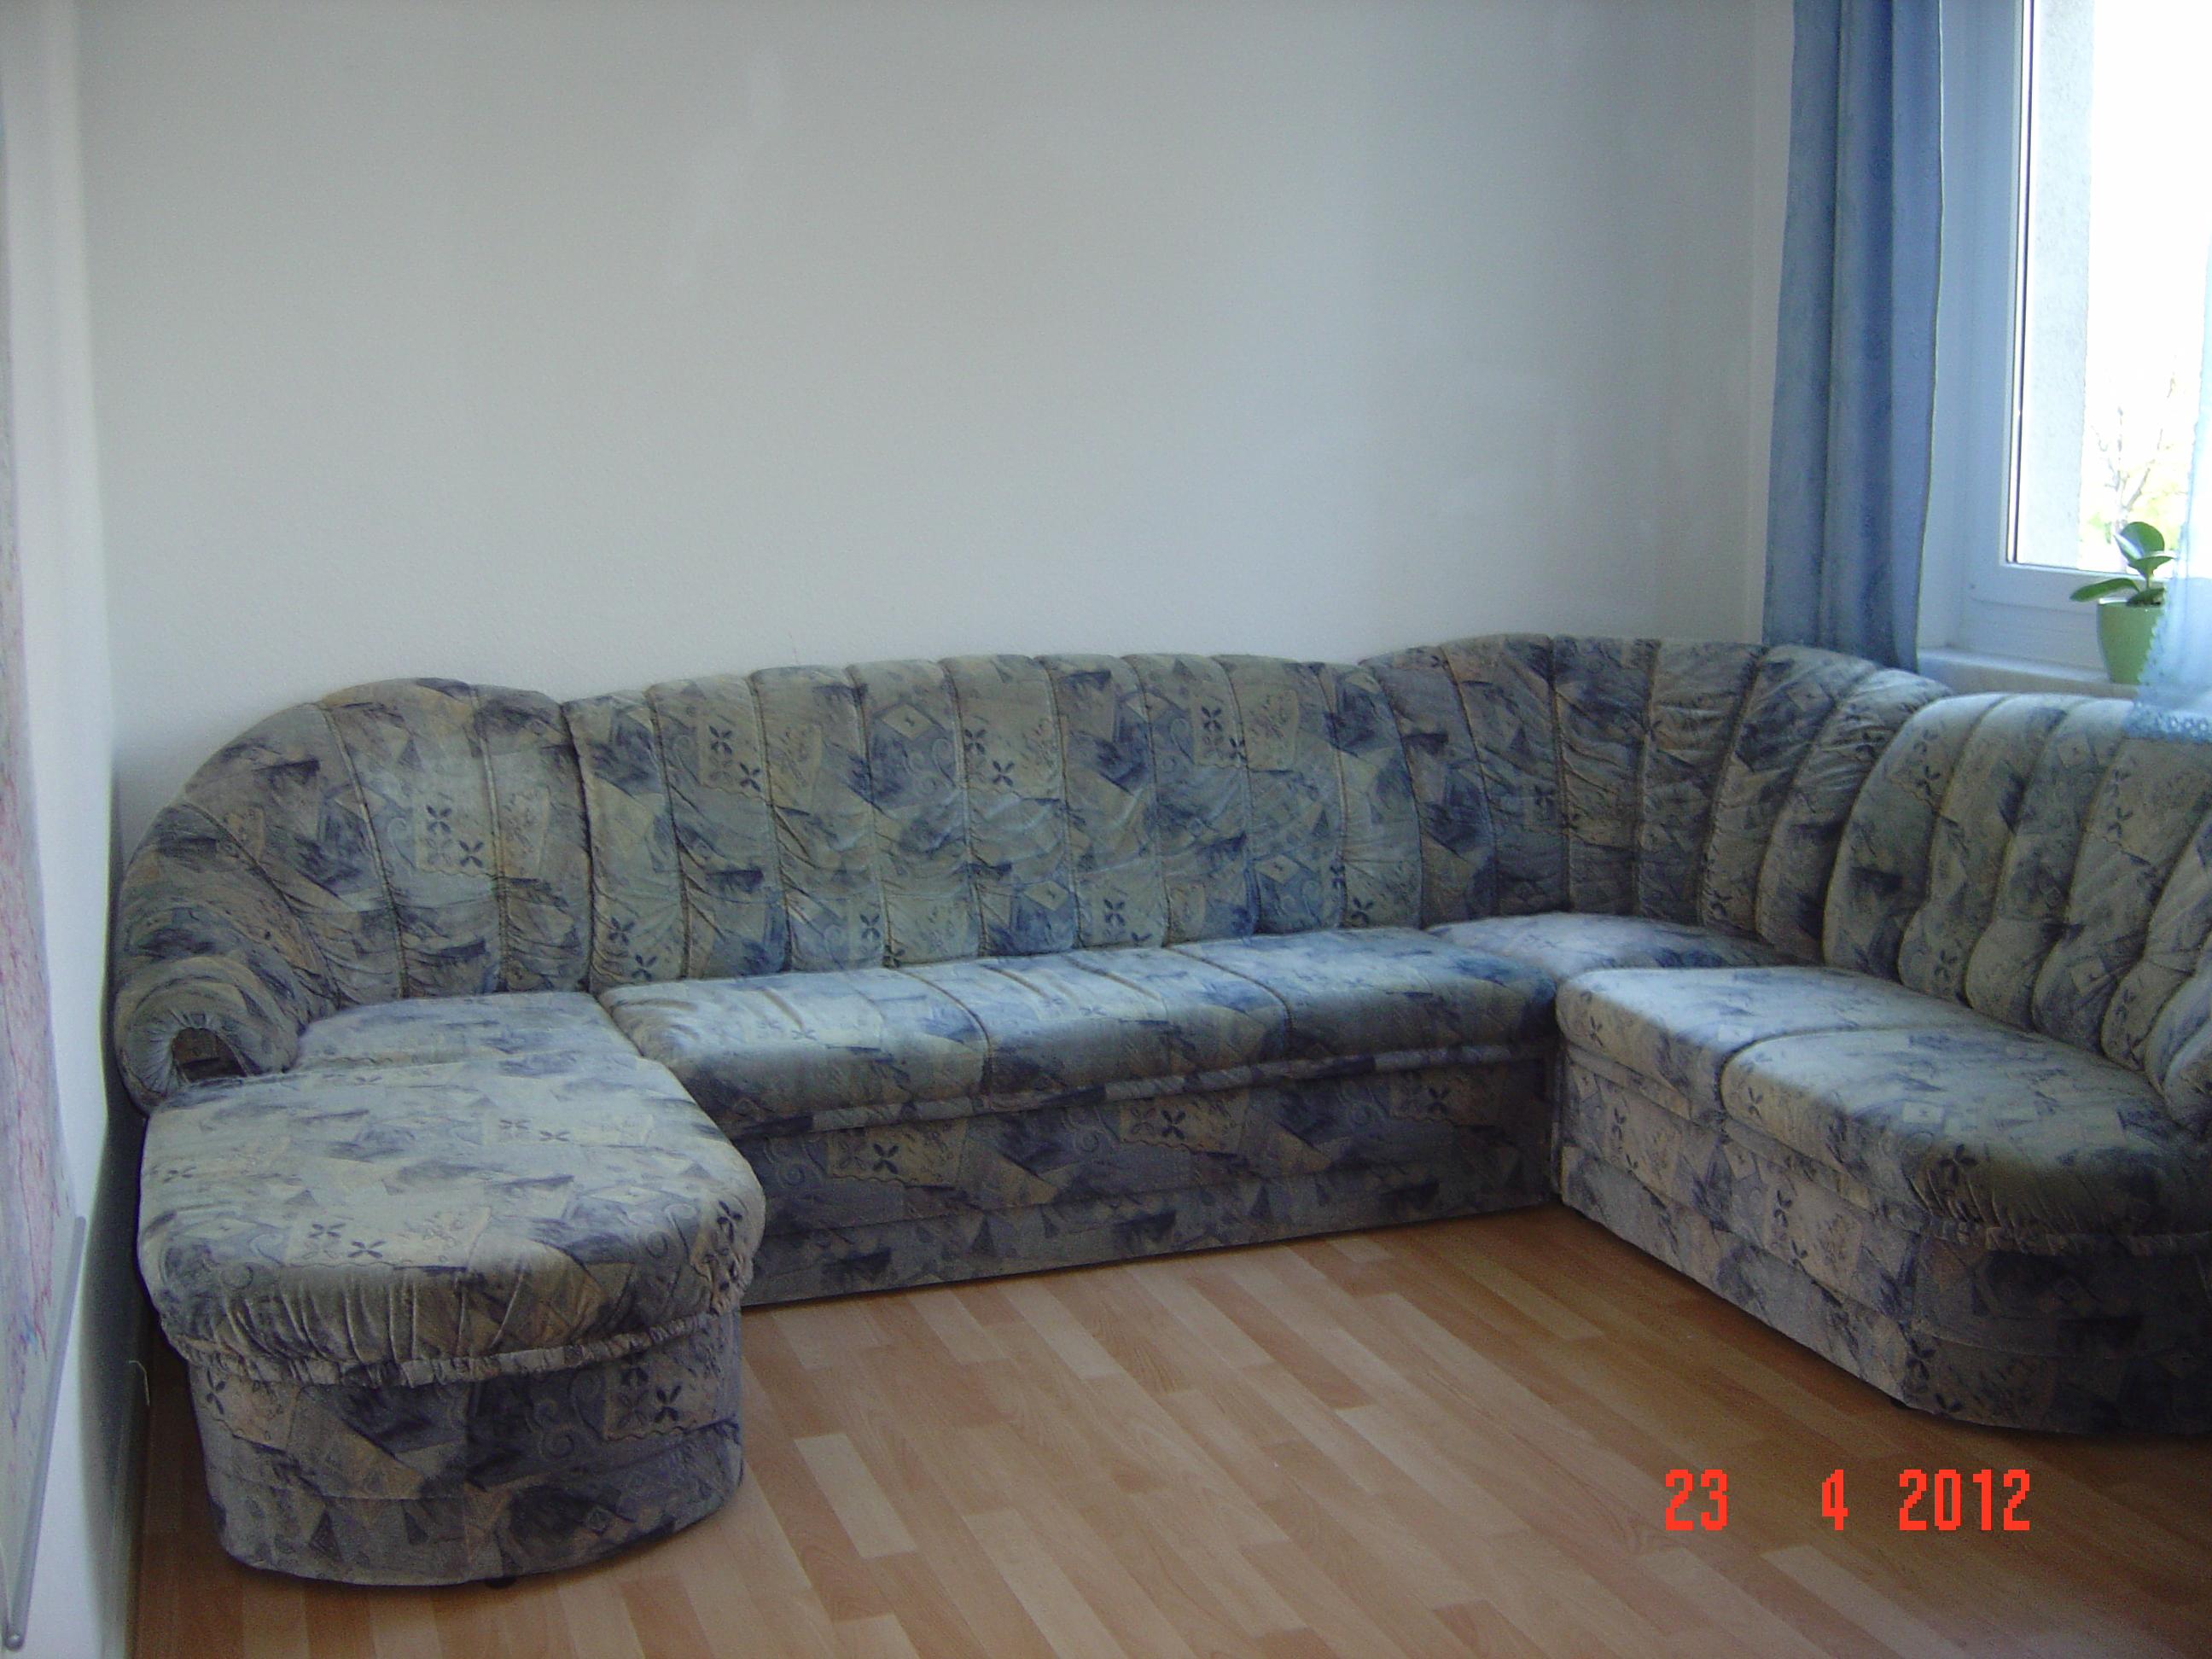 sonstiges kleinanzeigen in dresden seite 4. Black Bedroom Furniture Sets. Home Design Ideas